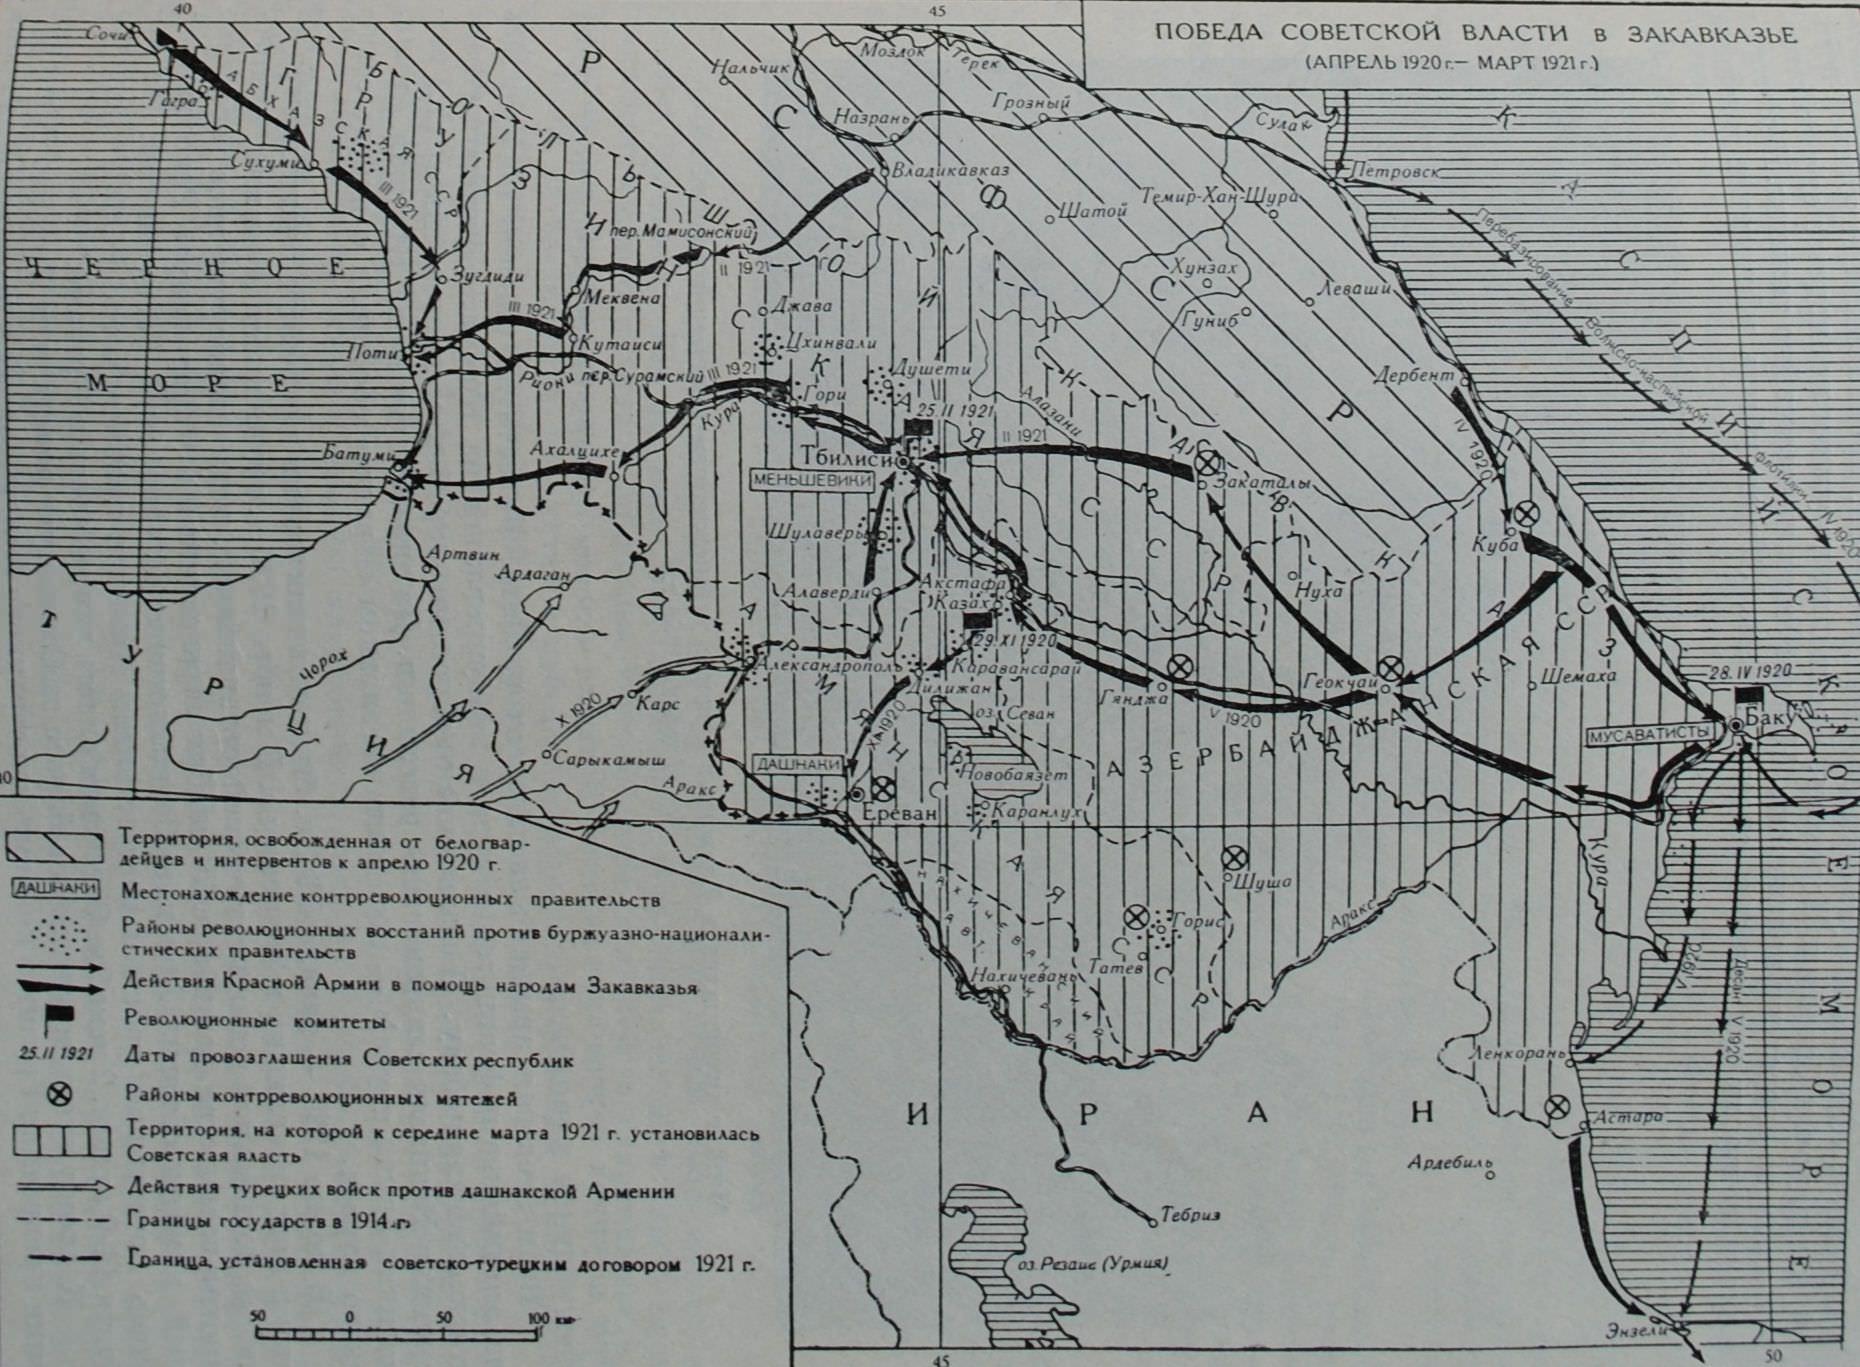 Победа Советской власти в Закавказье